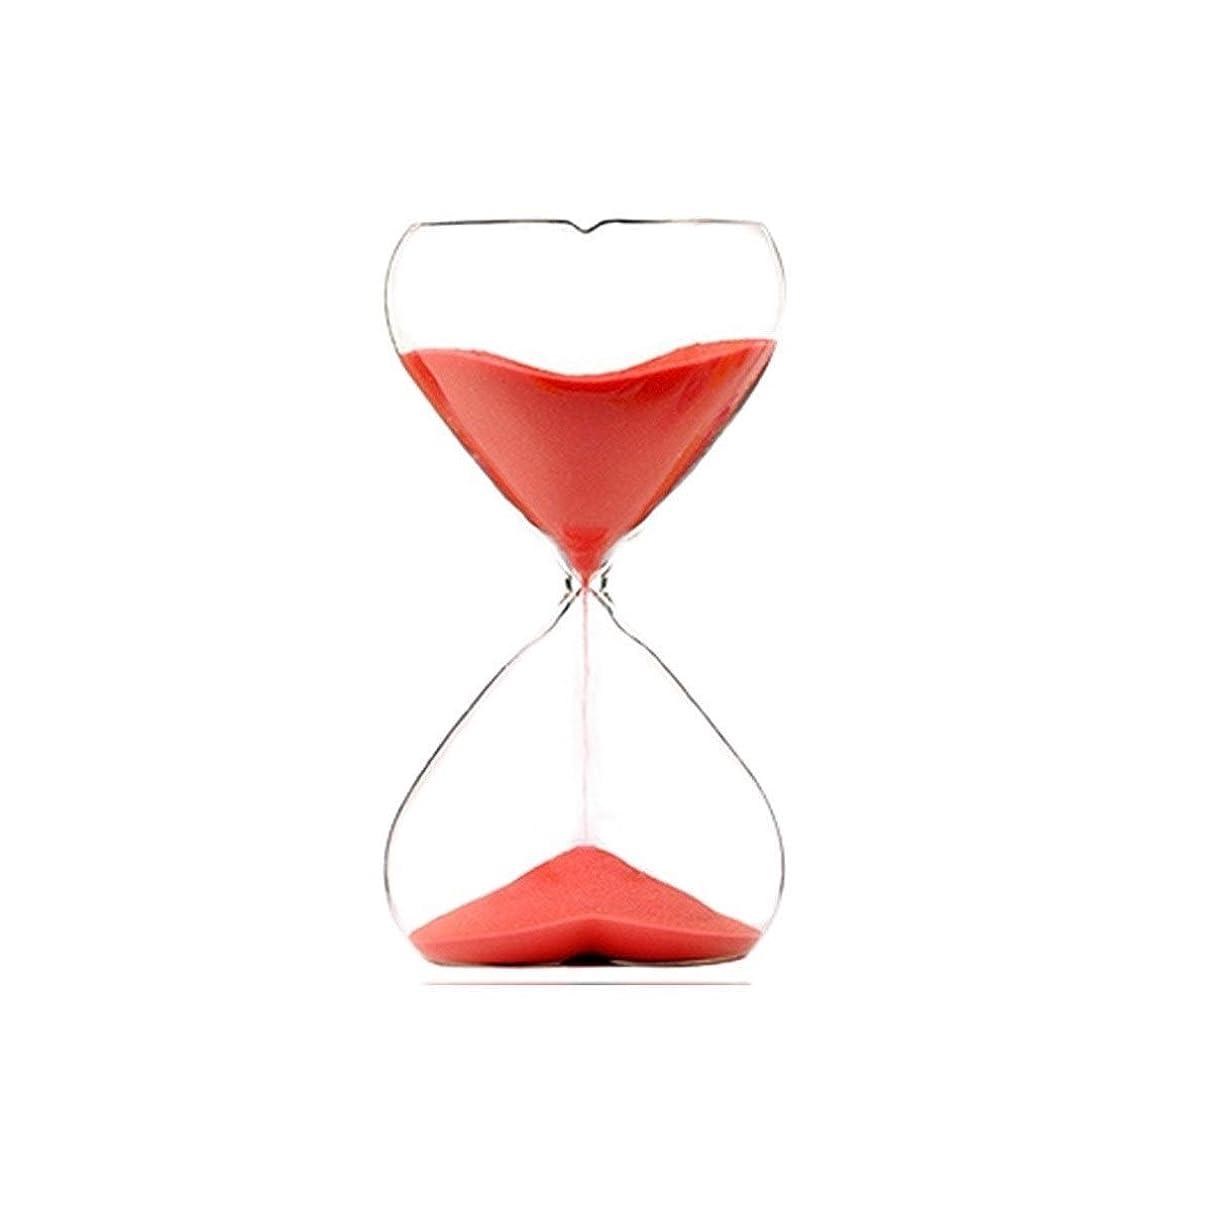 団結するファーザーファージュ一流JIAYIZS 誕生日ギフト時間砂時計15分、クリエイティブ?セレモニー装飾、送信ボーイフレンドとガール卒業のギフト、クラスメイト教師Beautifuを送ります